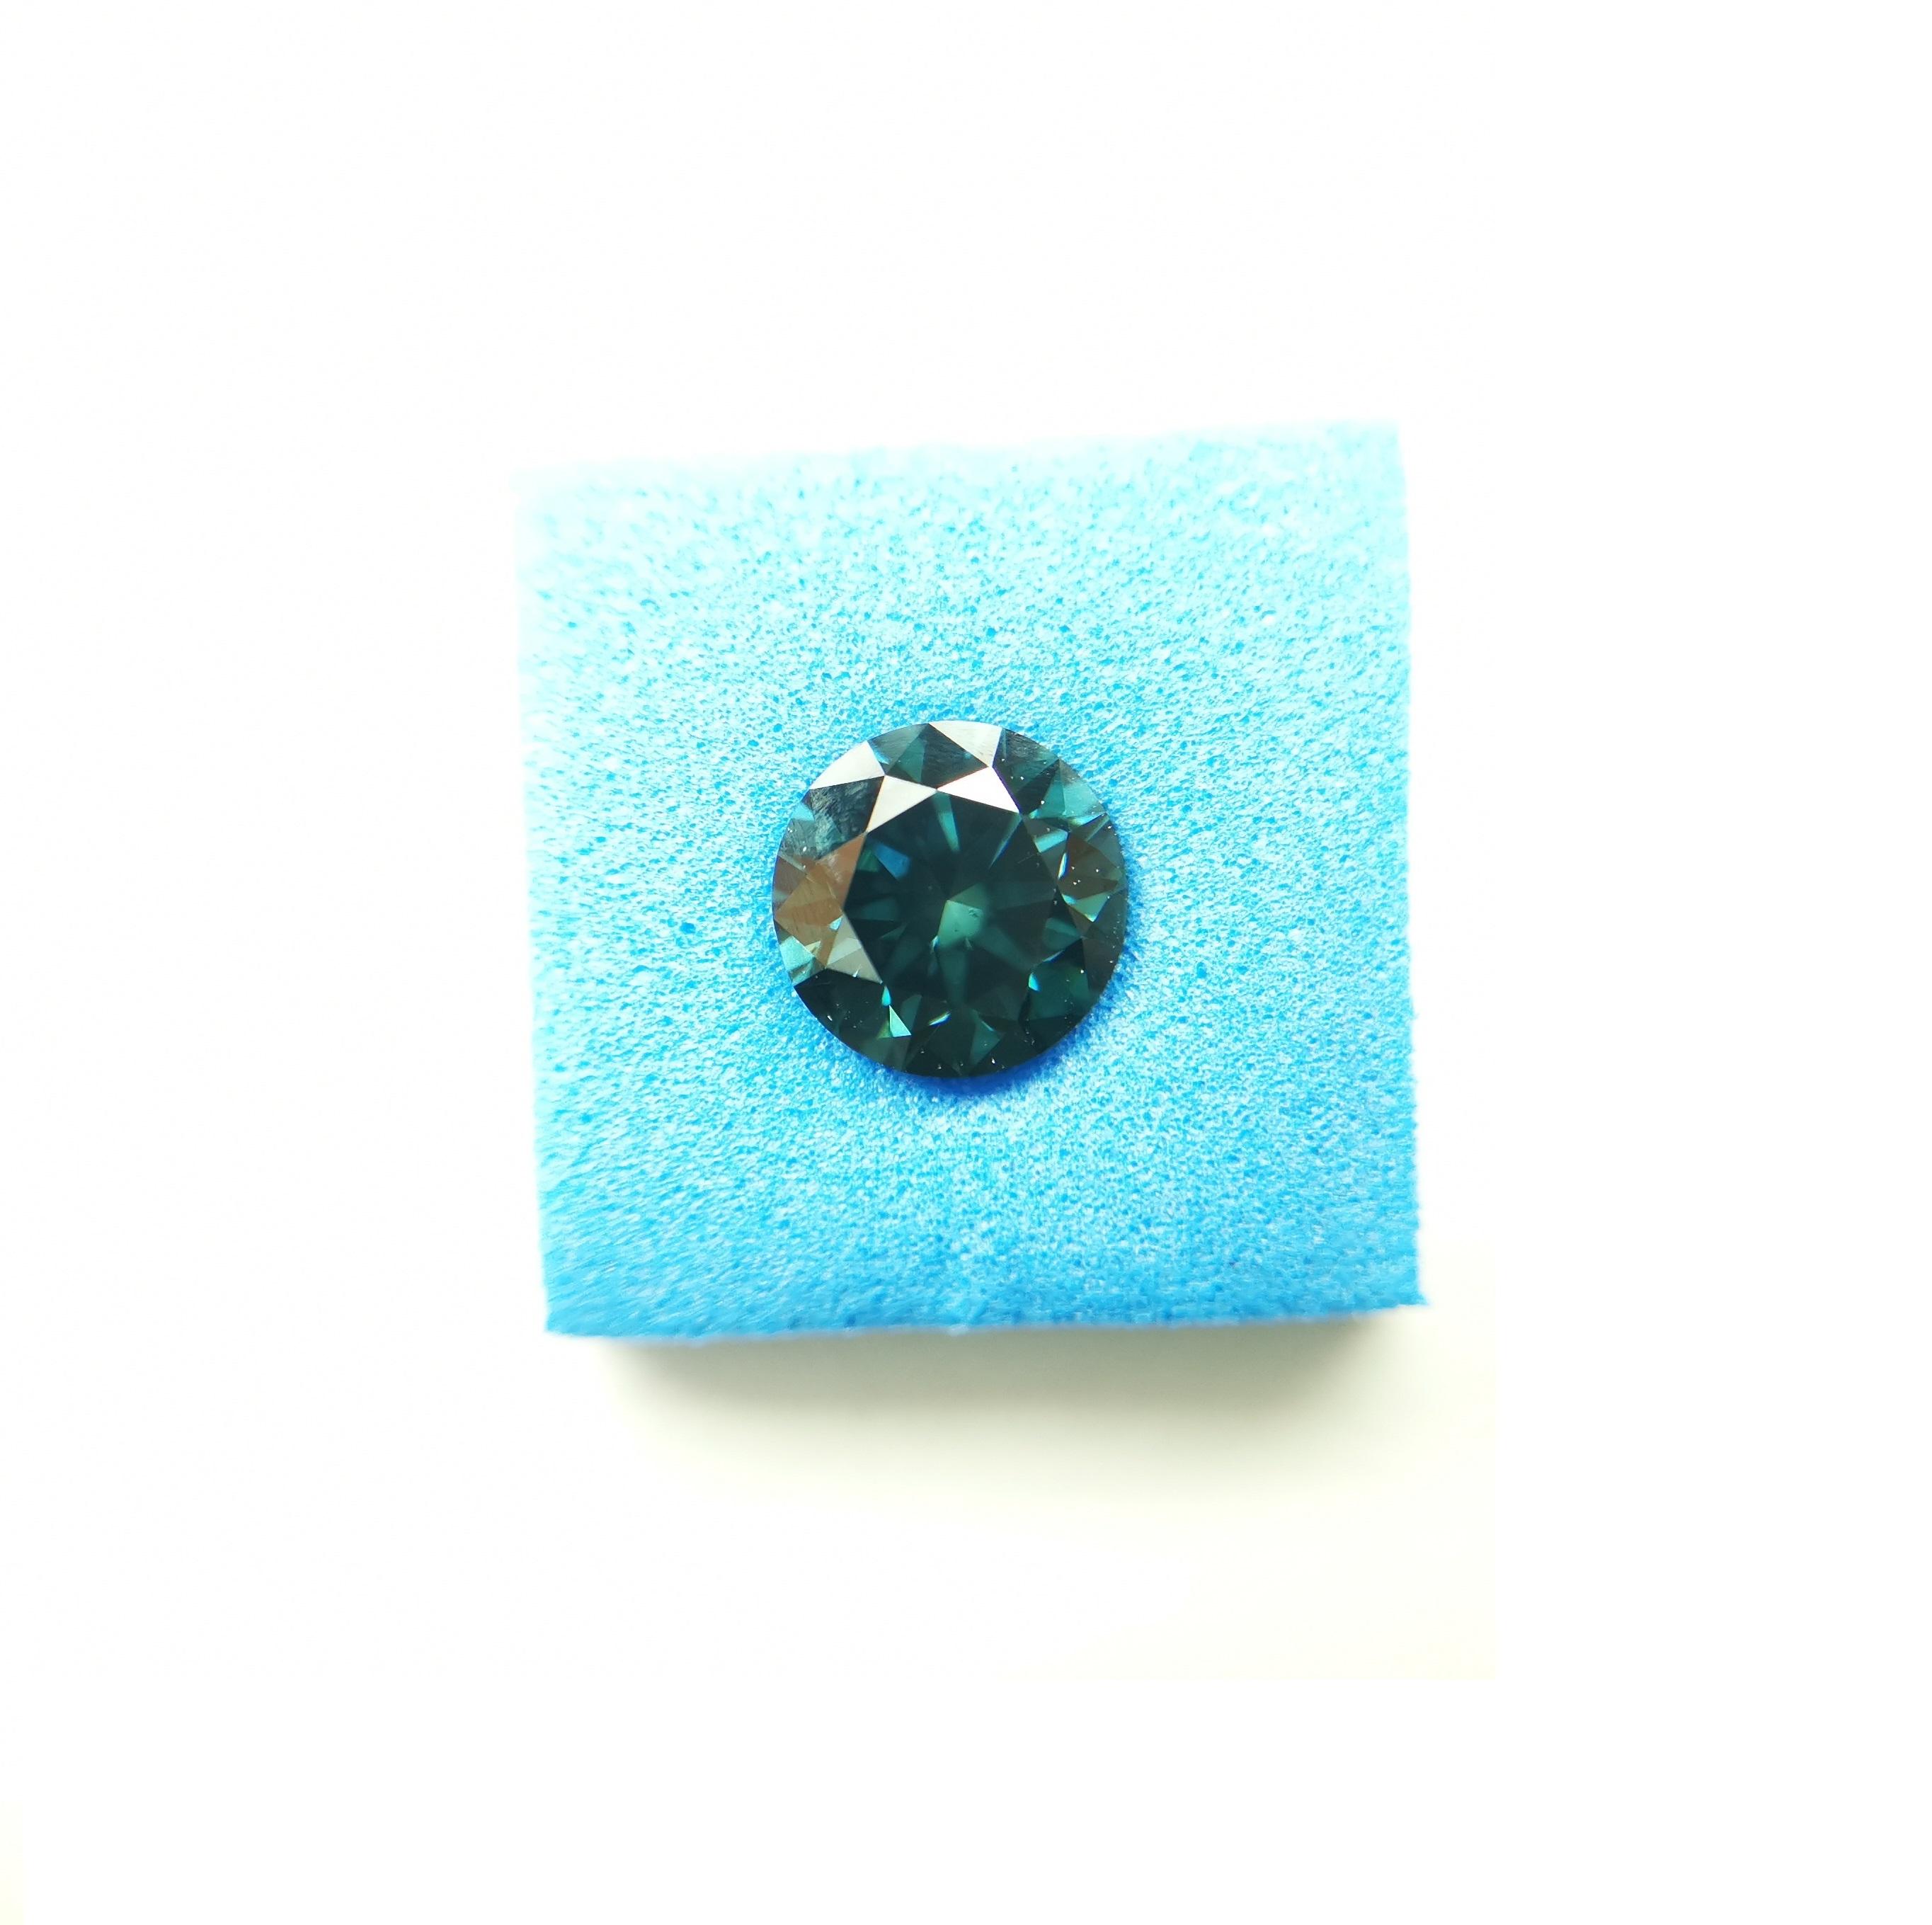 Cvd Diamond 1.3ct  VS1 Blue Round Brilliant Cut  ,Non cert